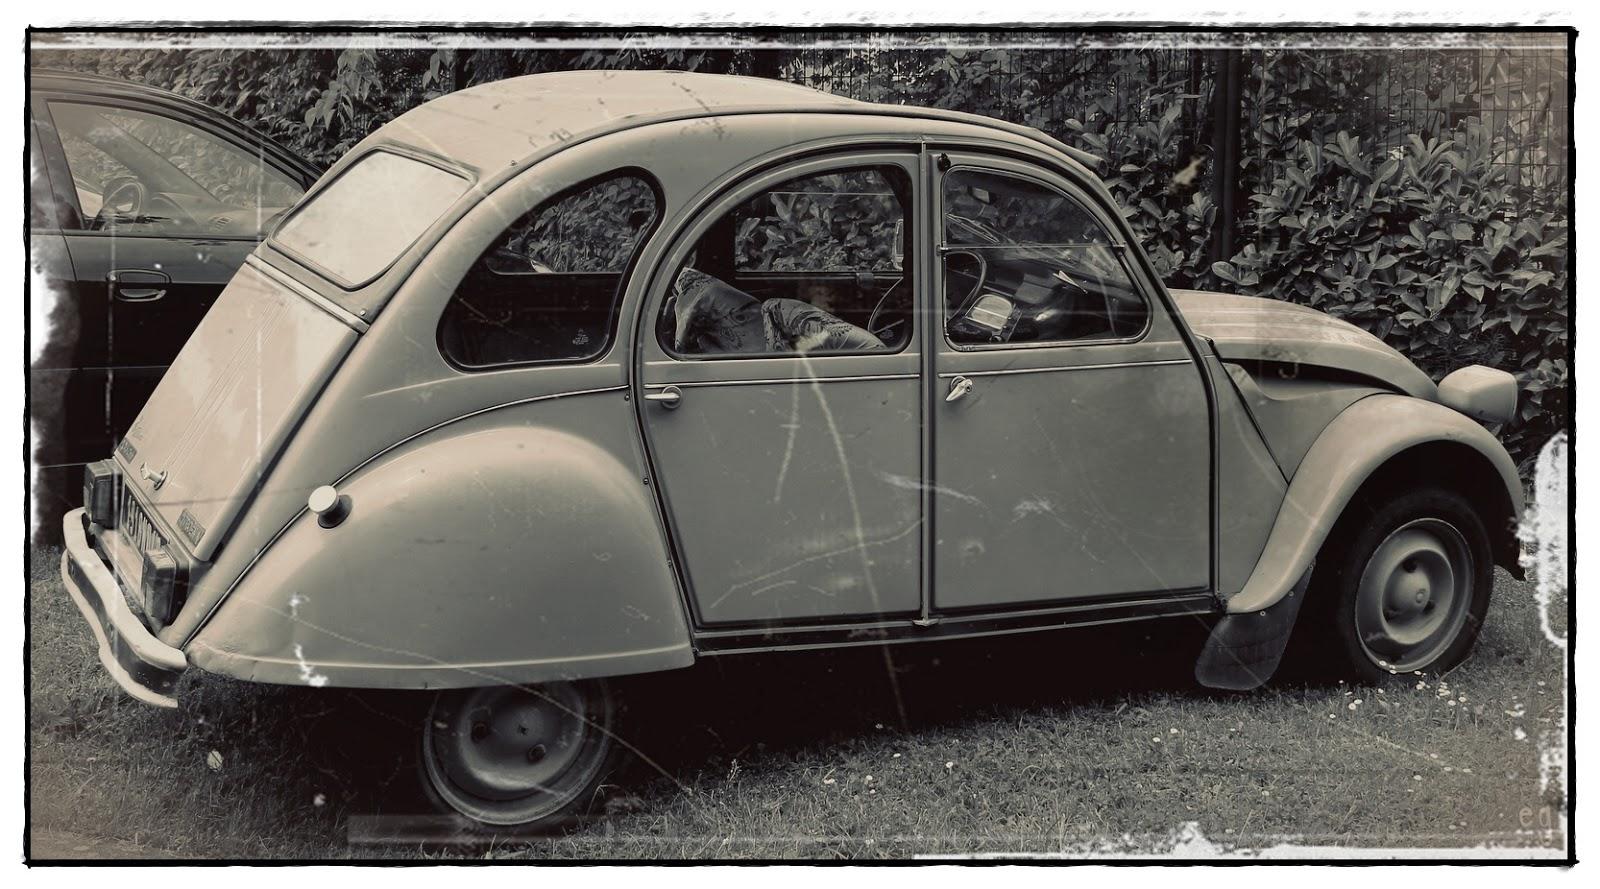 randonnez vous dans ce blog 12 mois en noir et blanc juin voiture ancienne. Black Bedroom Furniture Sets. Home Design Ideas